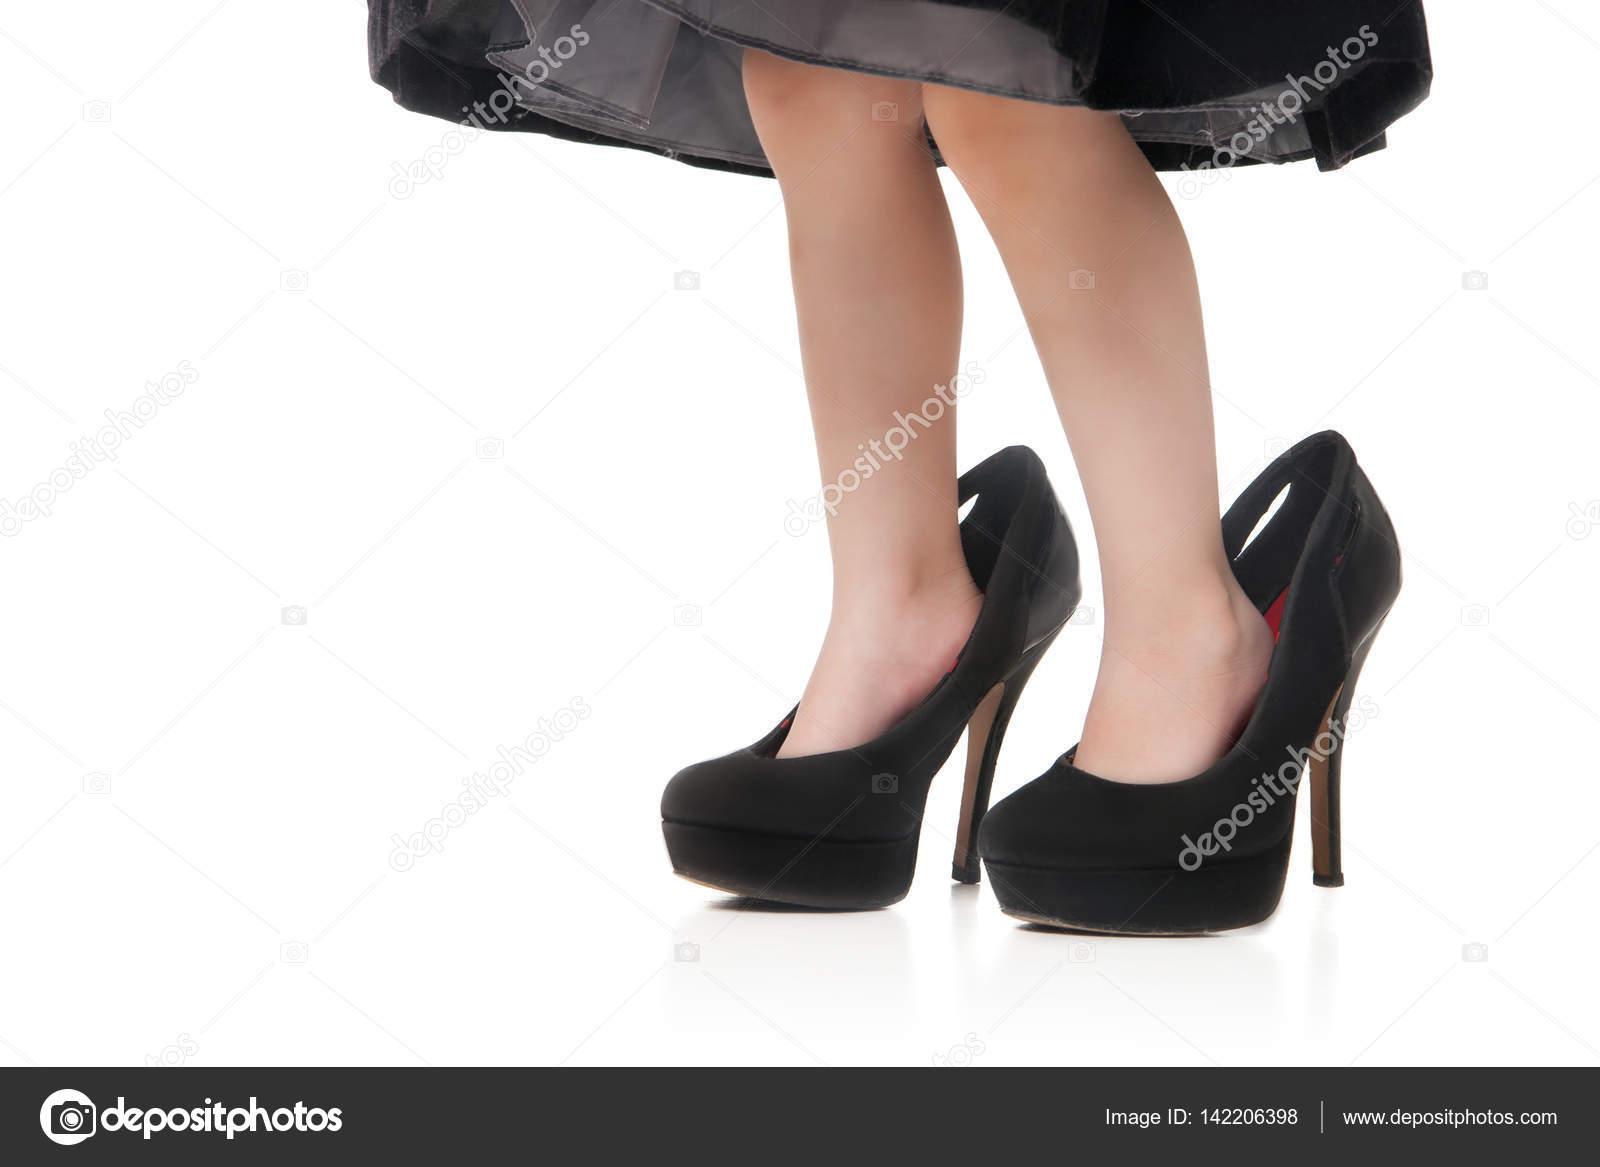 fondo lindos talones en altos imágenes Pies de grandes verdes y un los con sobre blanco niños un tacones zapatos w7Ux7qFC